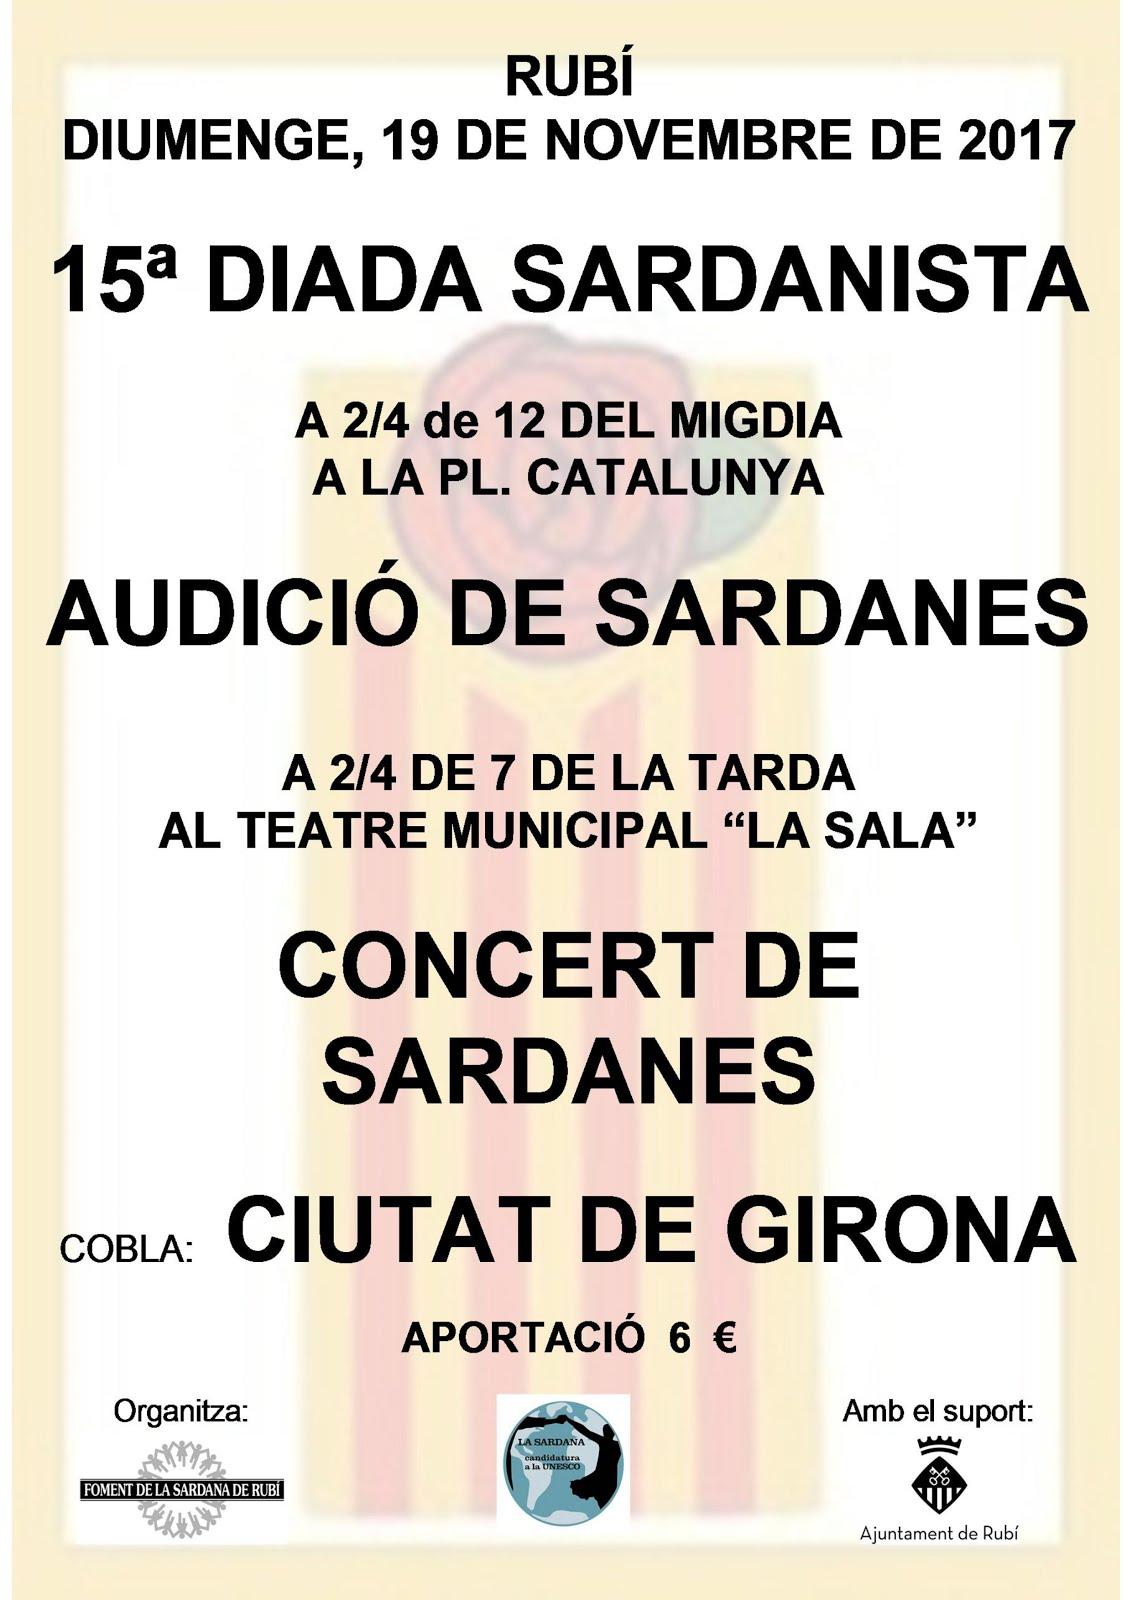 15ª Diada Sardanista, Audició i Consert de Sardanes